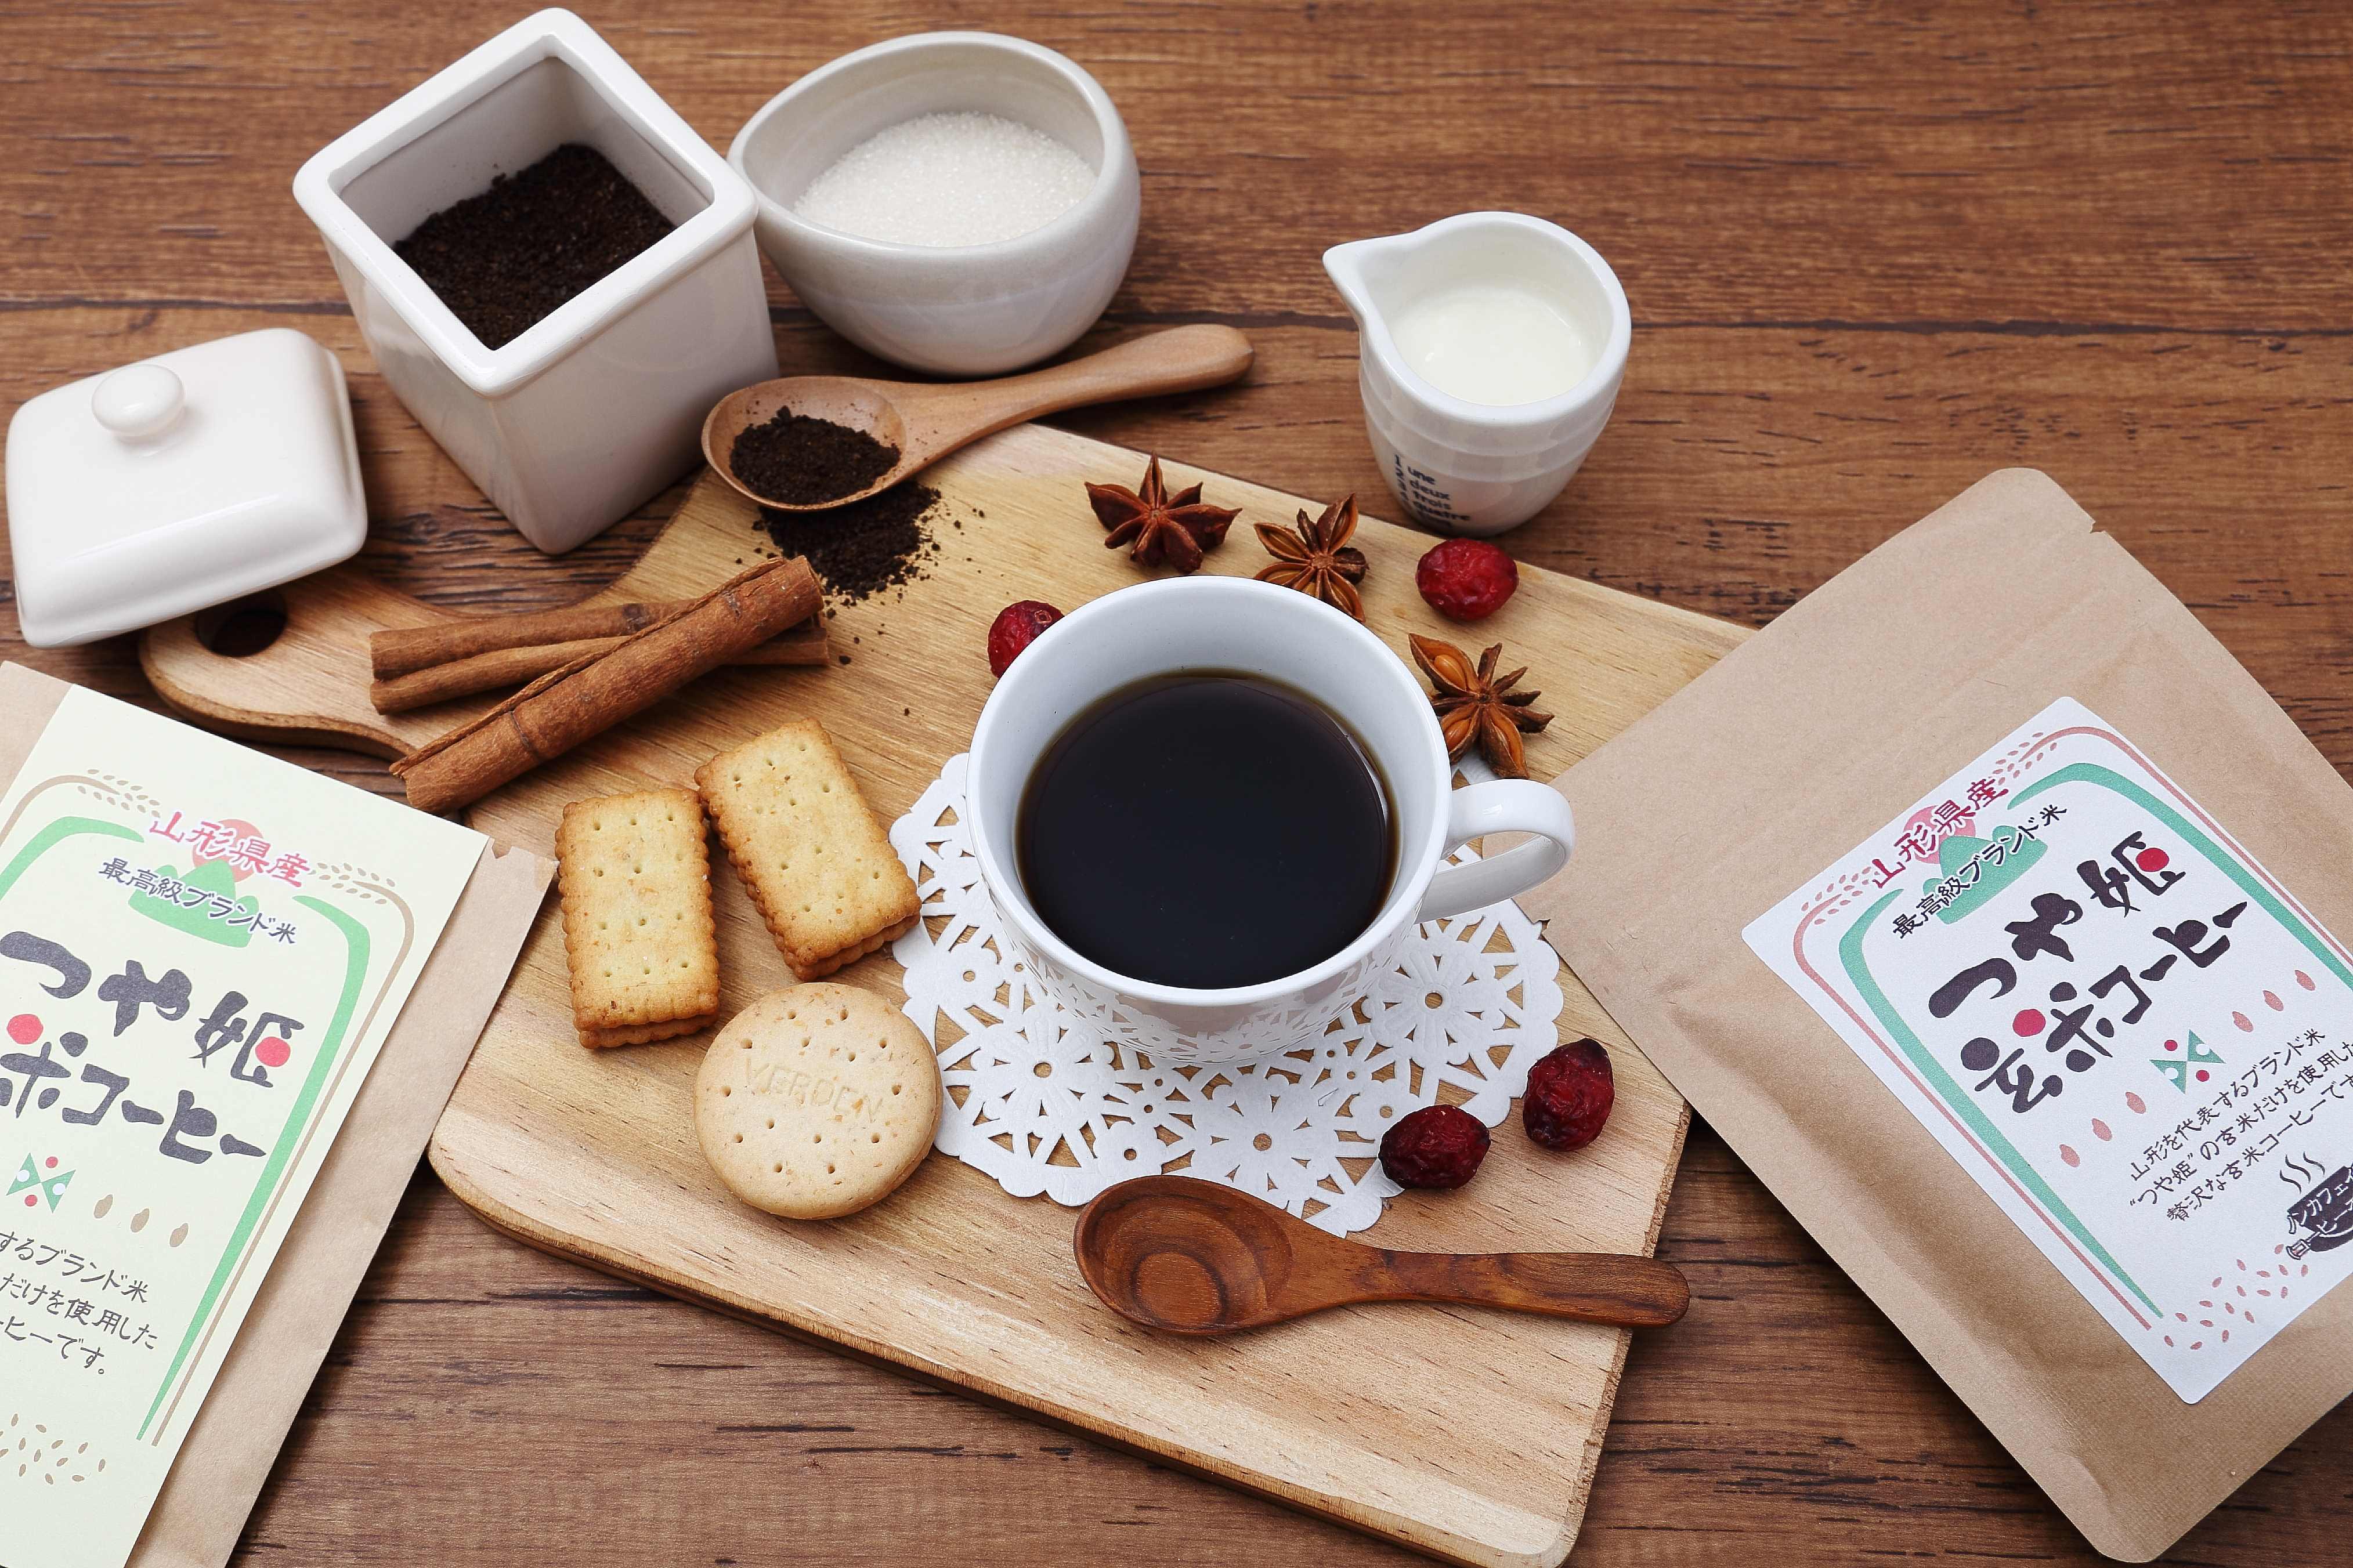 玄米コーヒー つや姫 粉タイプ 100g ドリップ 玄米珈琲 妊婦 さんにも嬉しい ノンカフェイン コーヒー 無添加 国産 ブラックジンガー 山形県産 ブランド米使用 ギフト